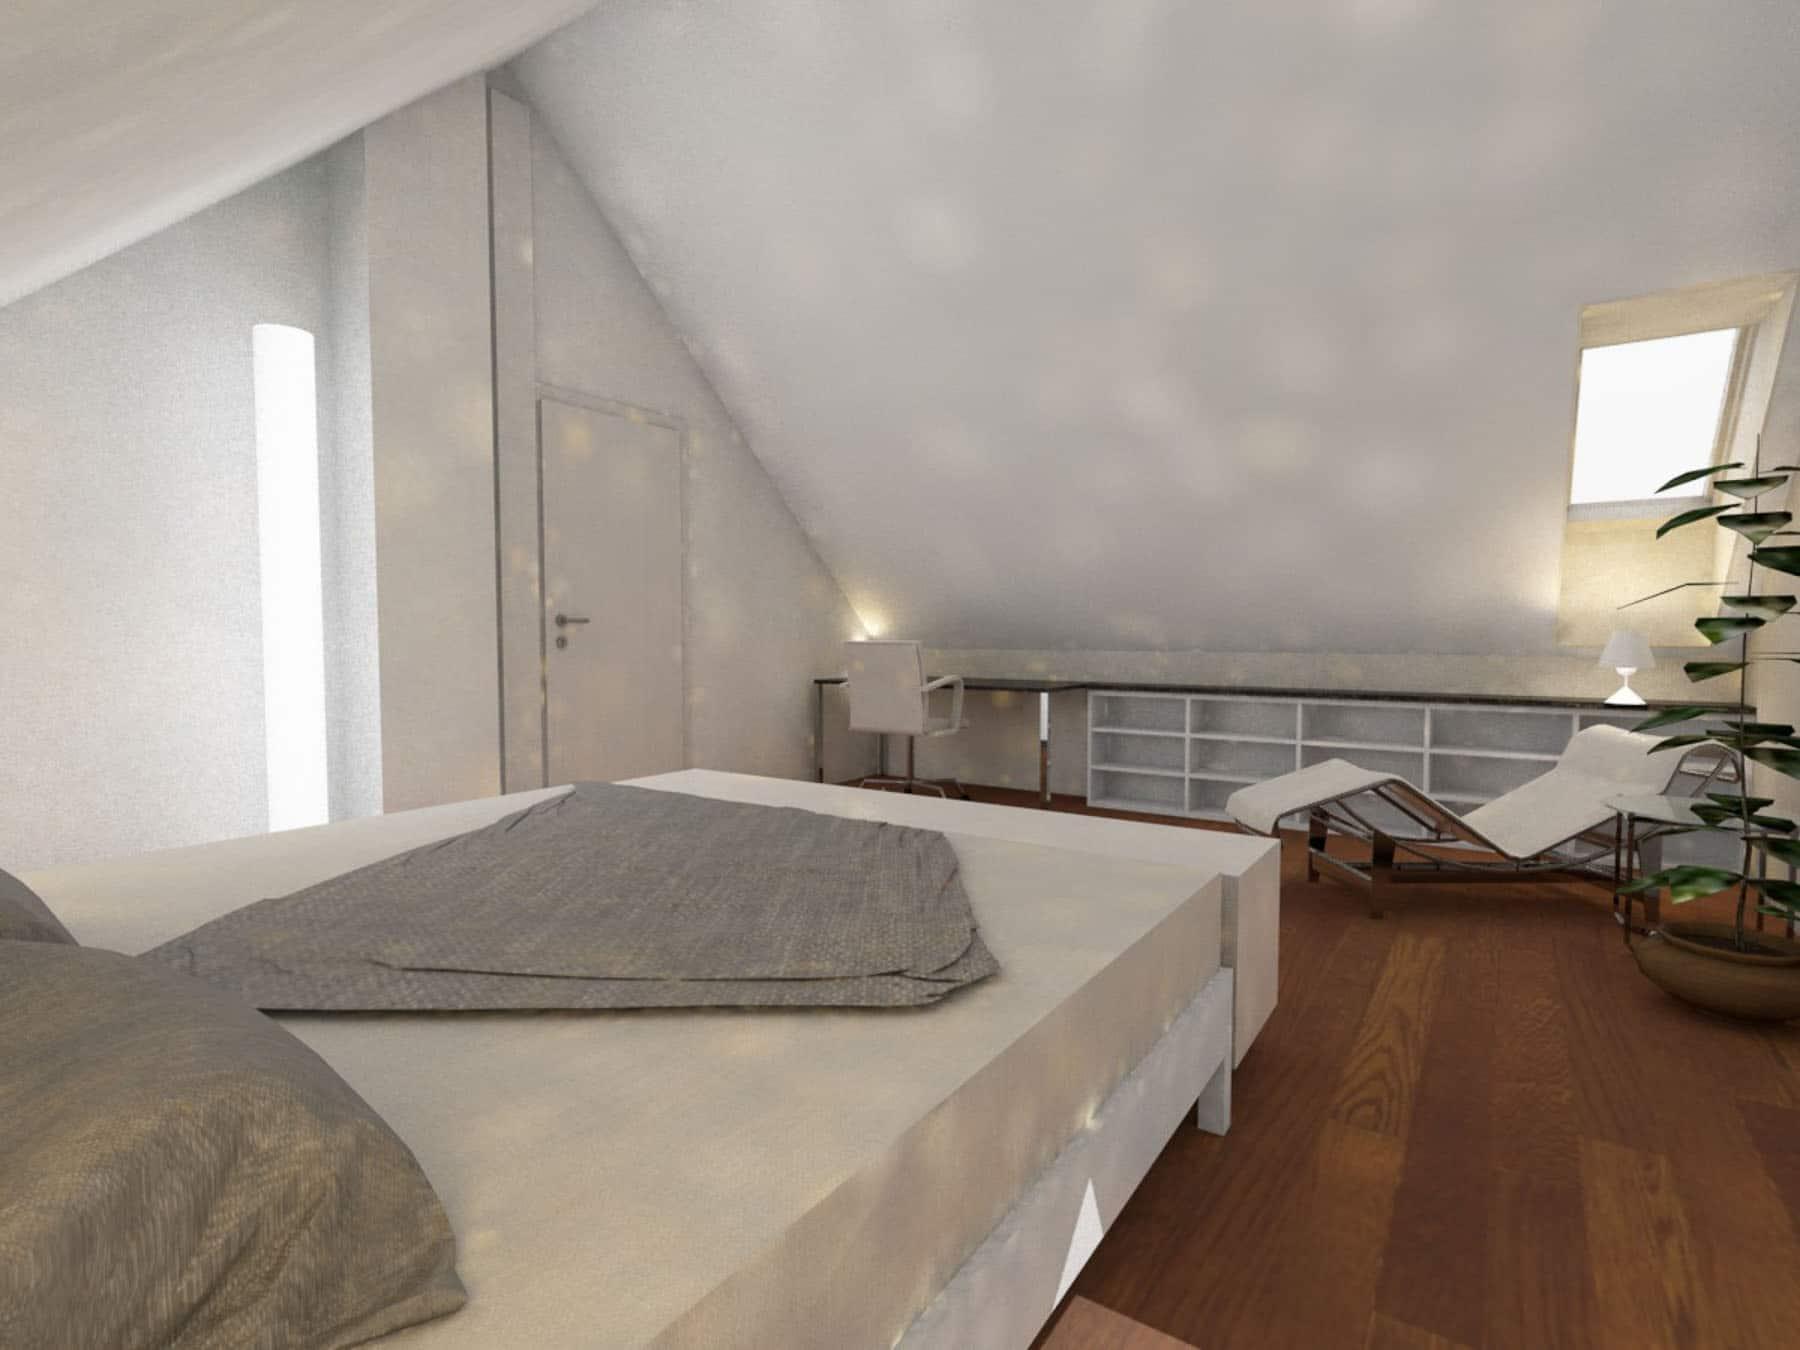 12-Dachzimmer neu Eingang-bearbeitet